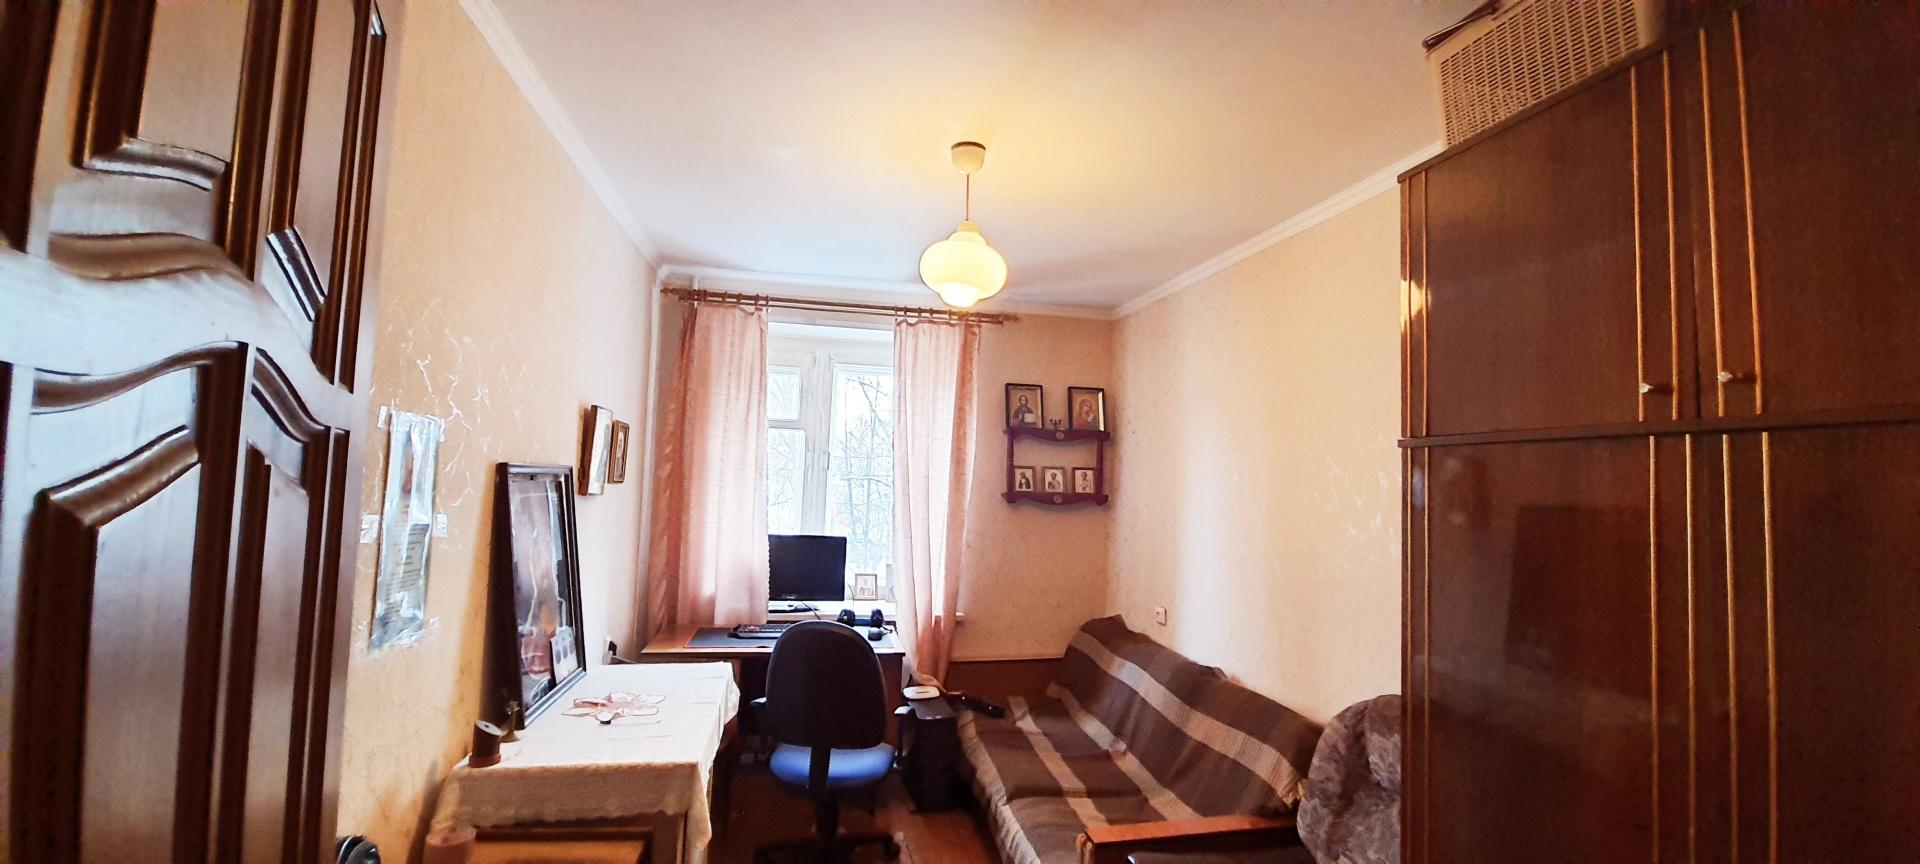 Продажа 3-комнатной квартиры Березовская ул., 91, Нижний Новгород